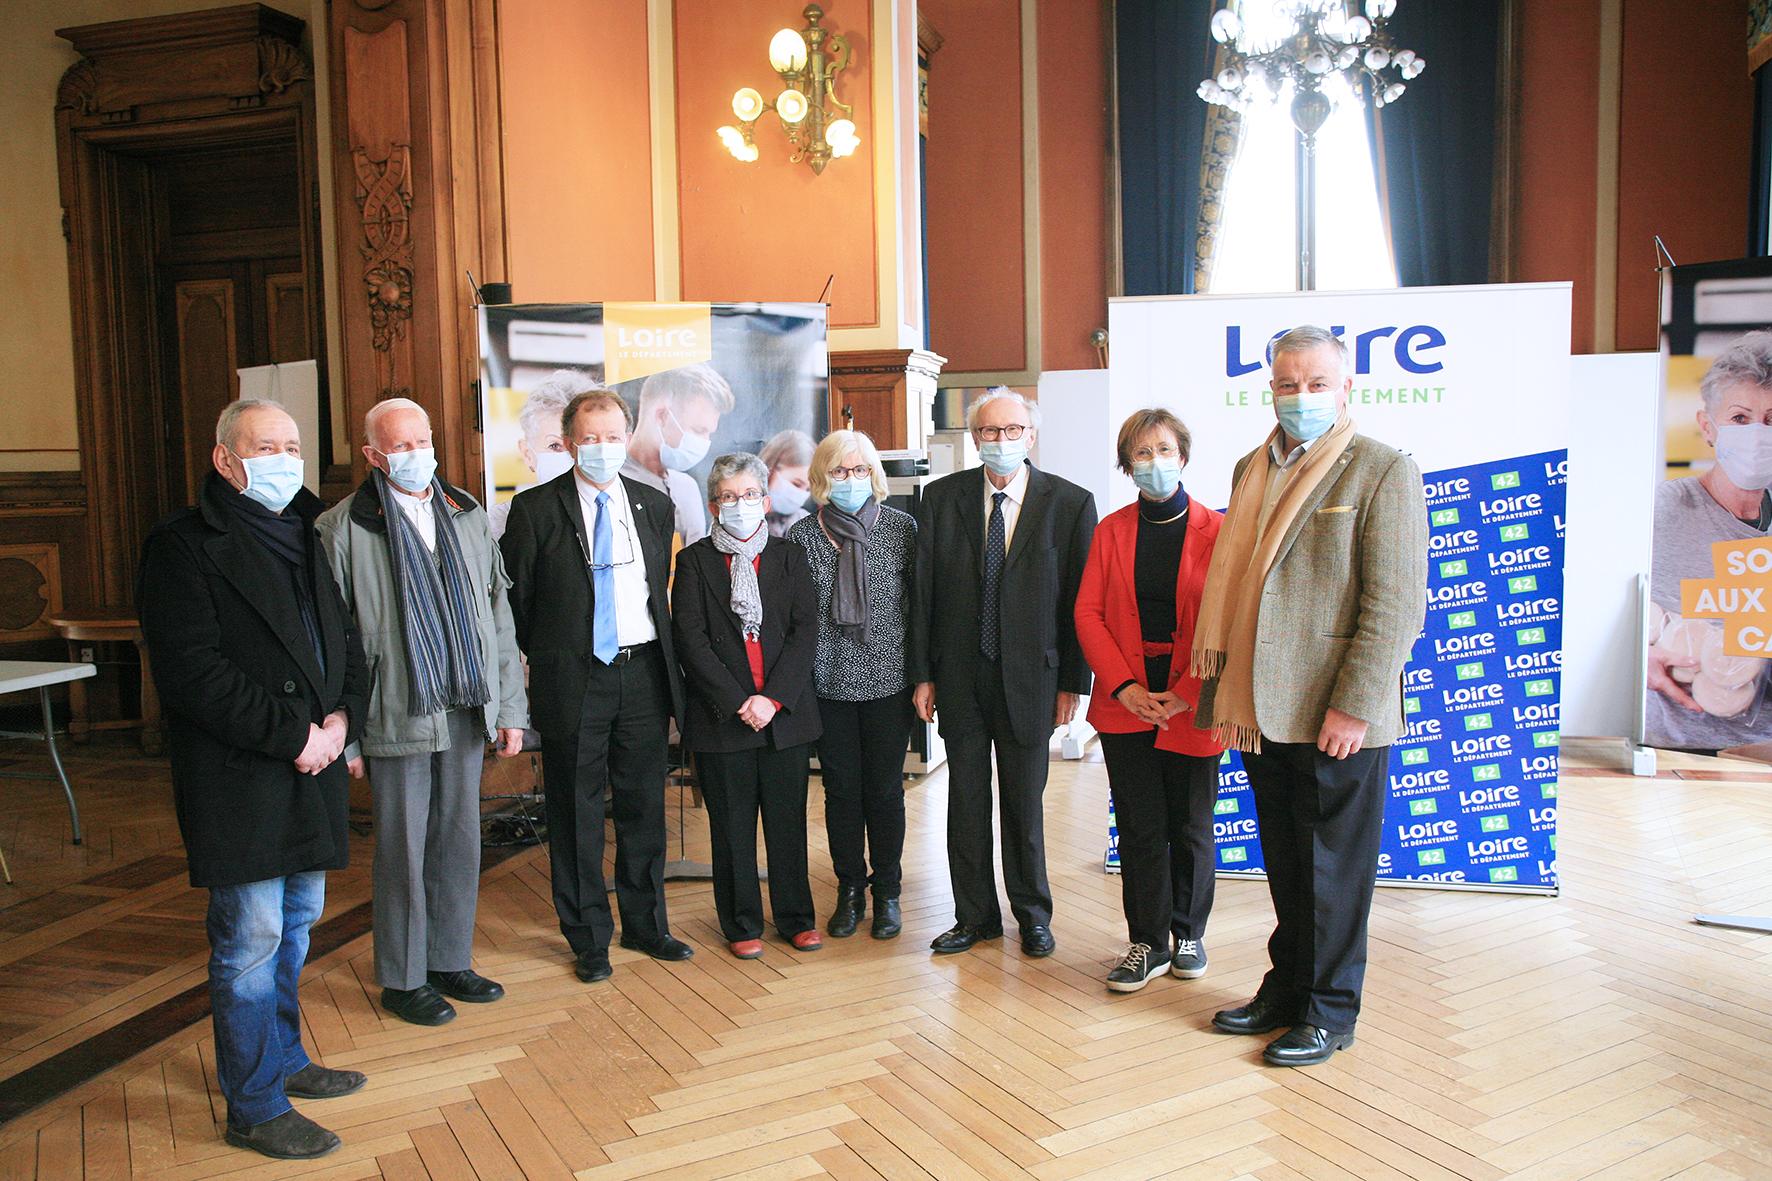 https://www.loire.fr/jcms/lw_1338340/le-departement-aux-cotes-des-associations-caritatives?xtor=RSS-40